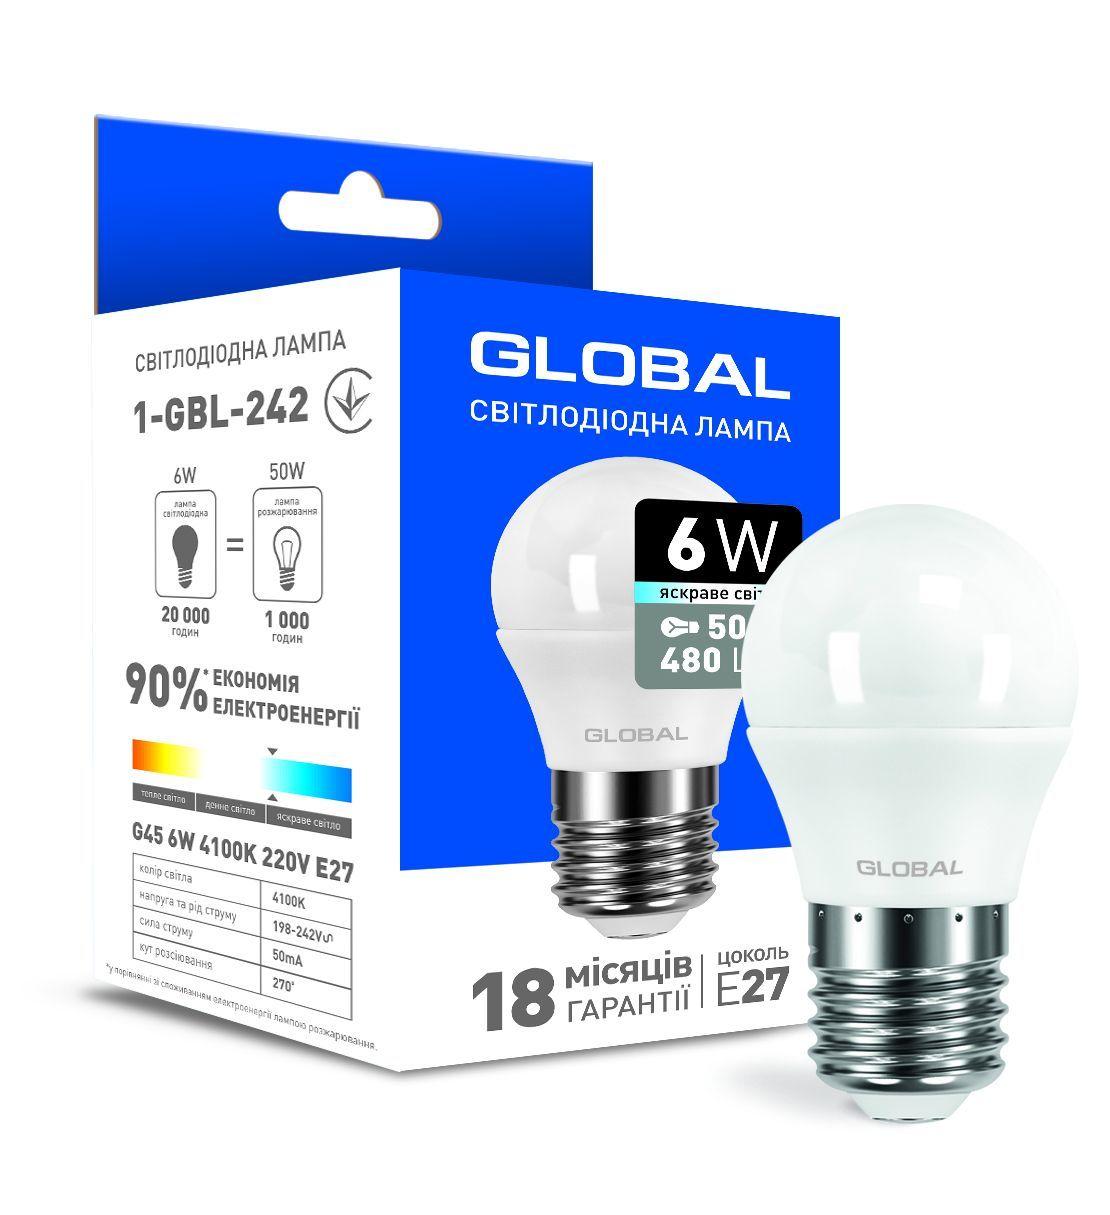 Светодиодная лампа GLOBAL G45 F 5W яркий свет 220V E27 AP (1-GBL-242) фото 1